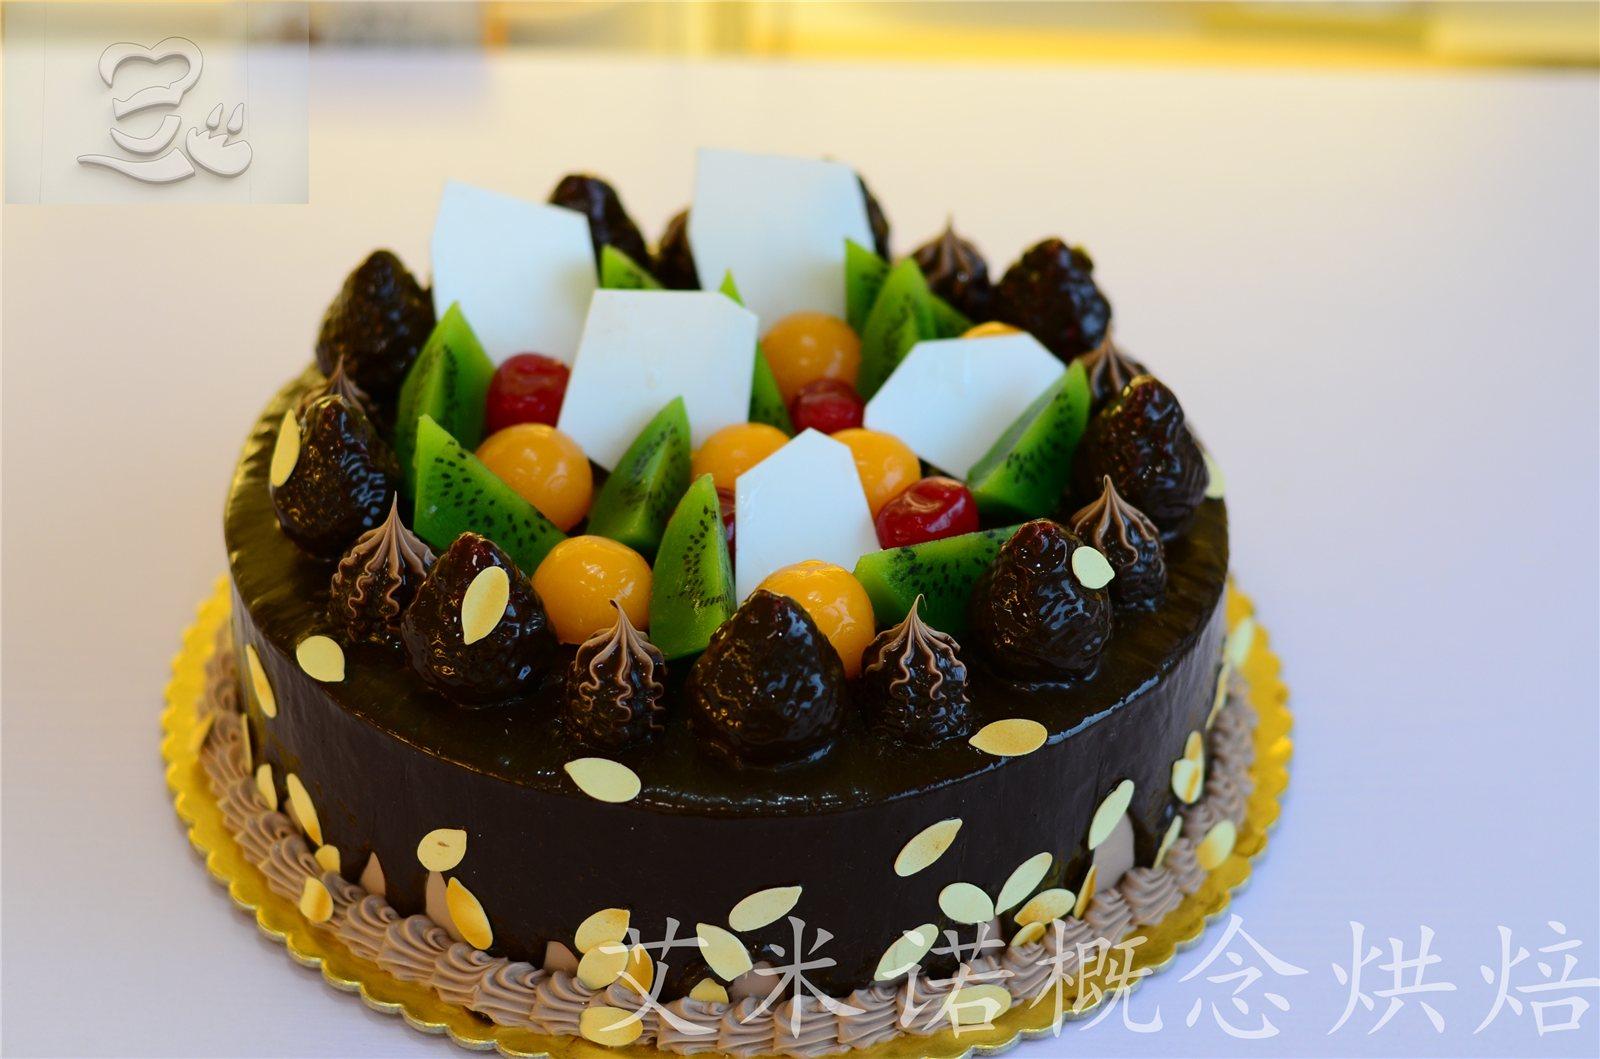 00元 关注度: 商品详情:乔巴森林此款蛋糕为10英寸欧式巧克力水果蛋糕